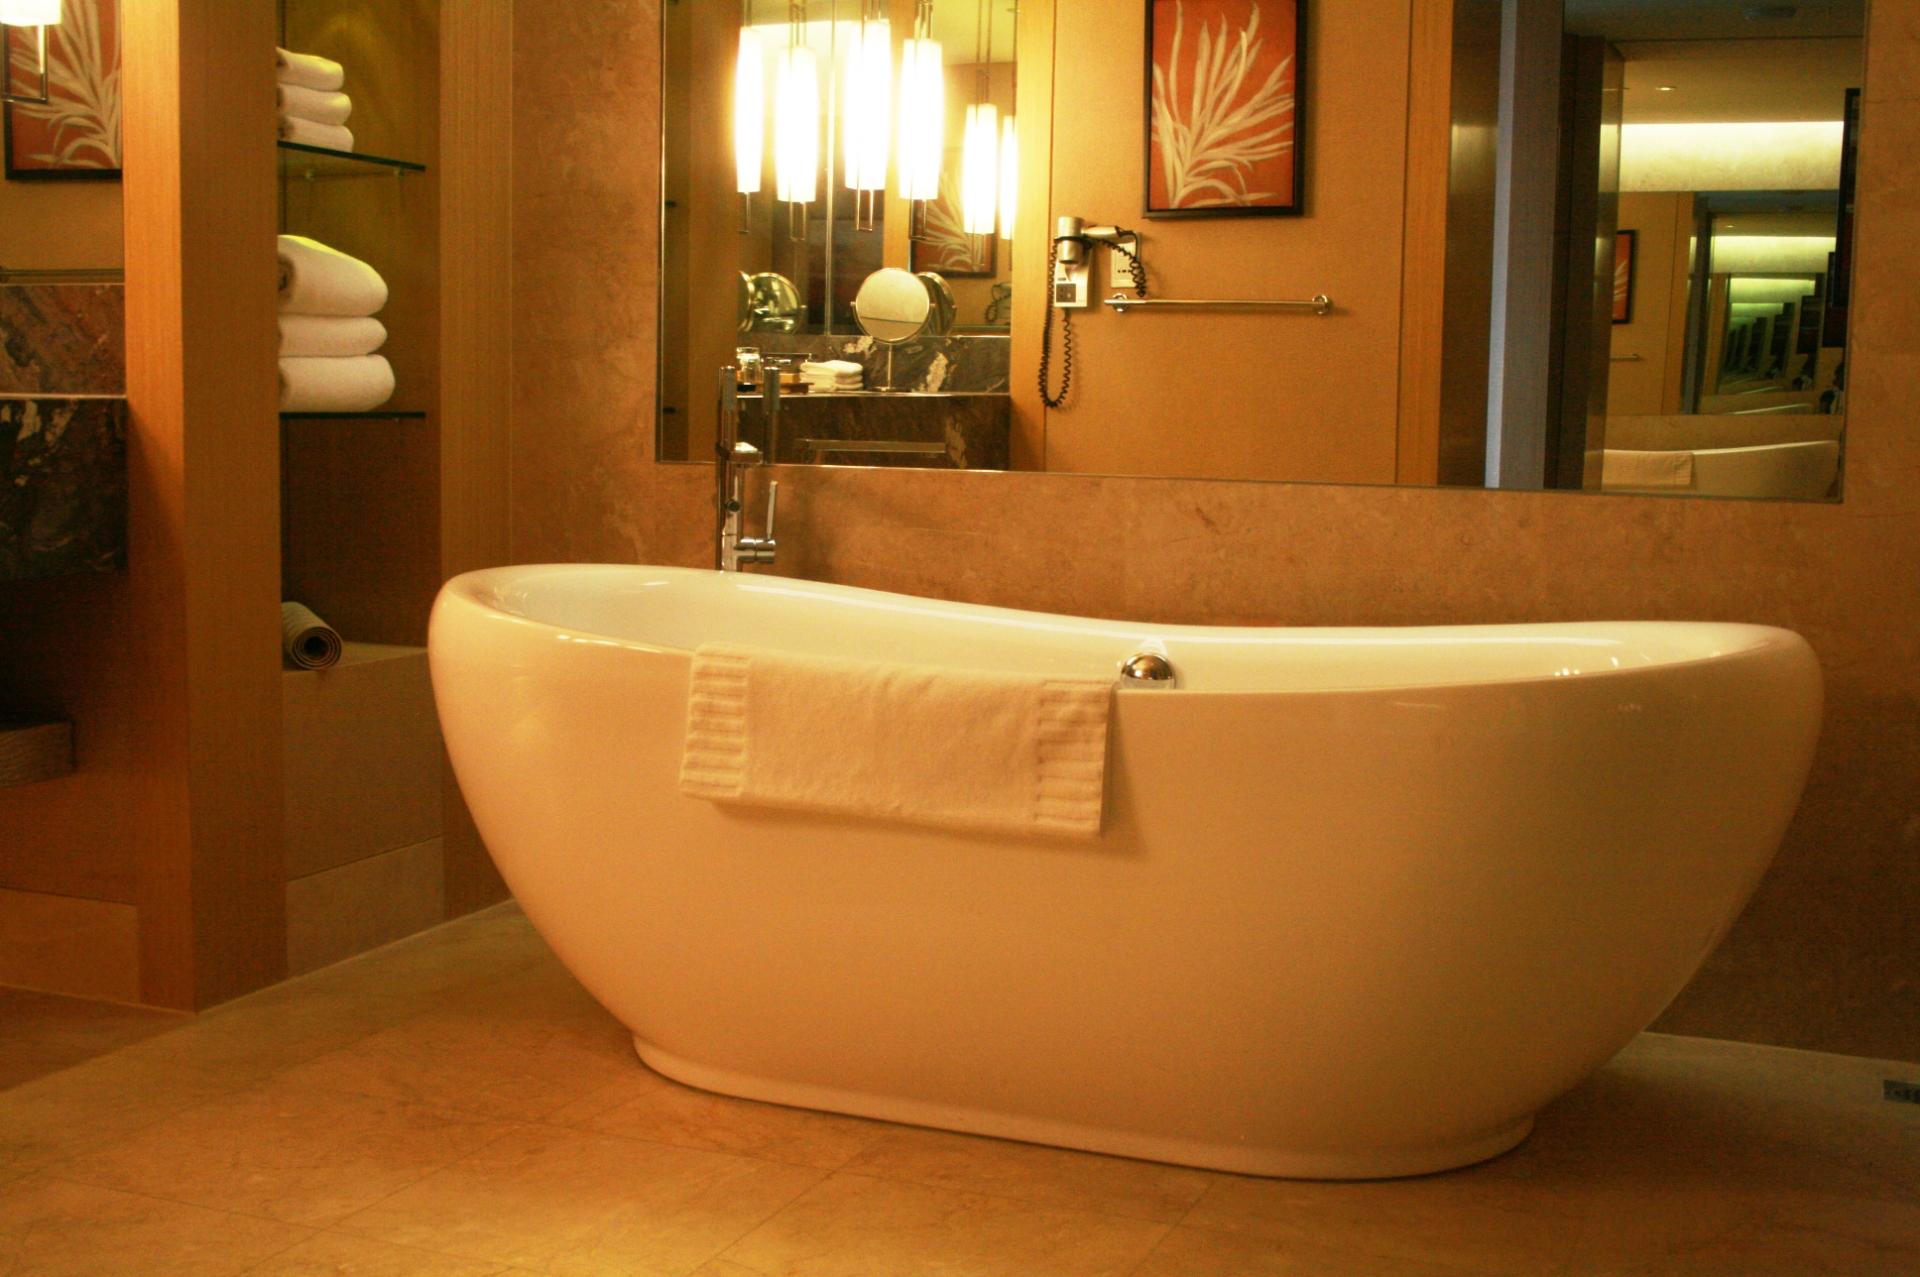 半身浴などで浴室に長くいる時に役に立つアイテム6選のアイキャッチ